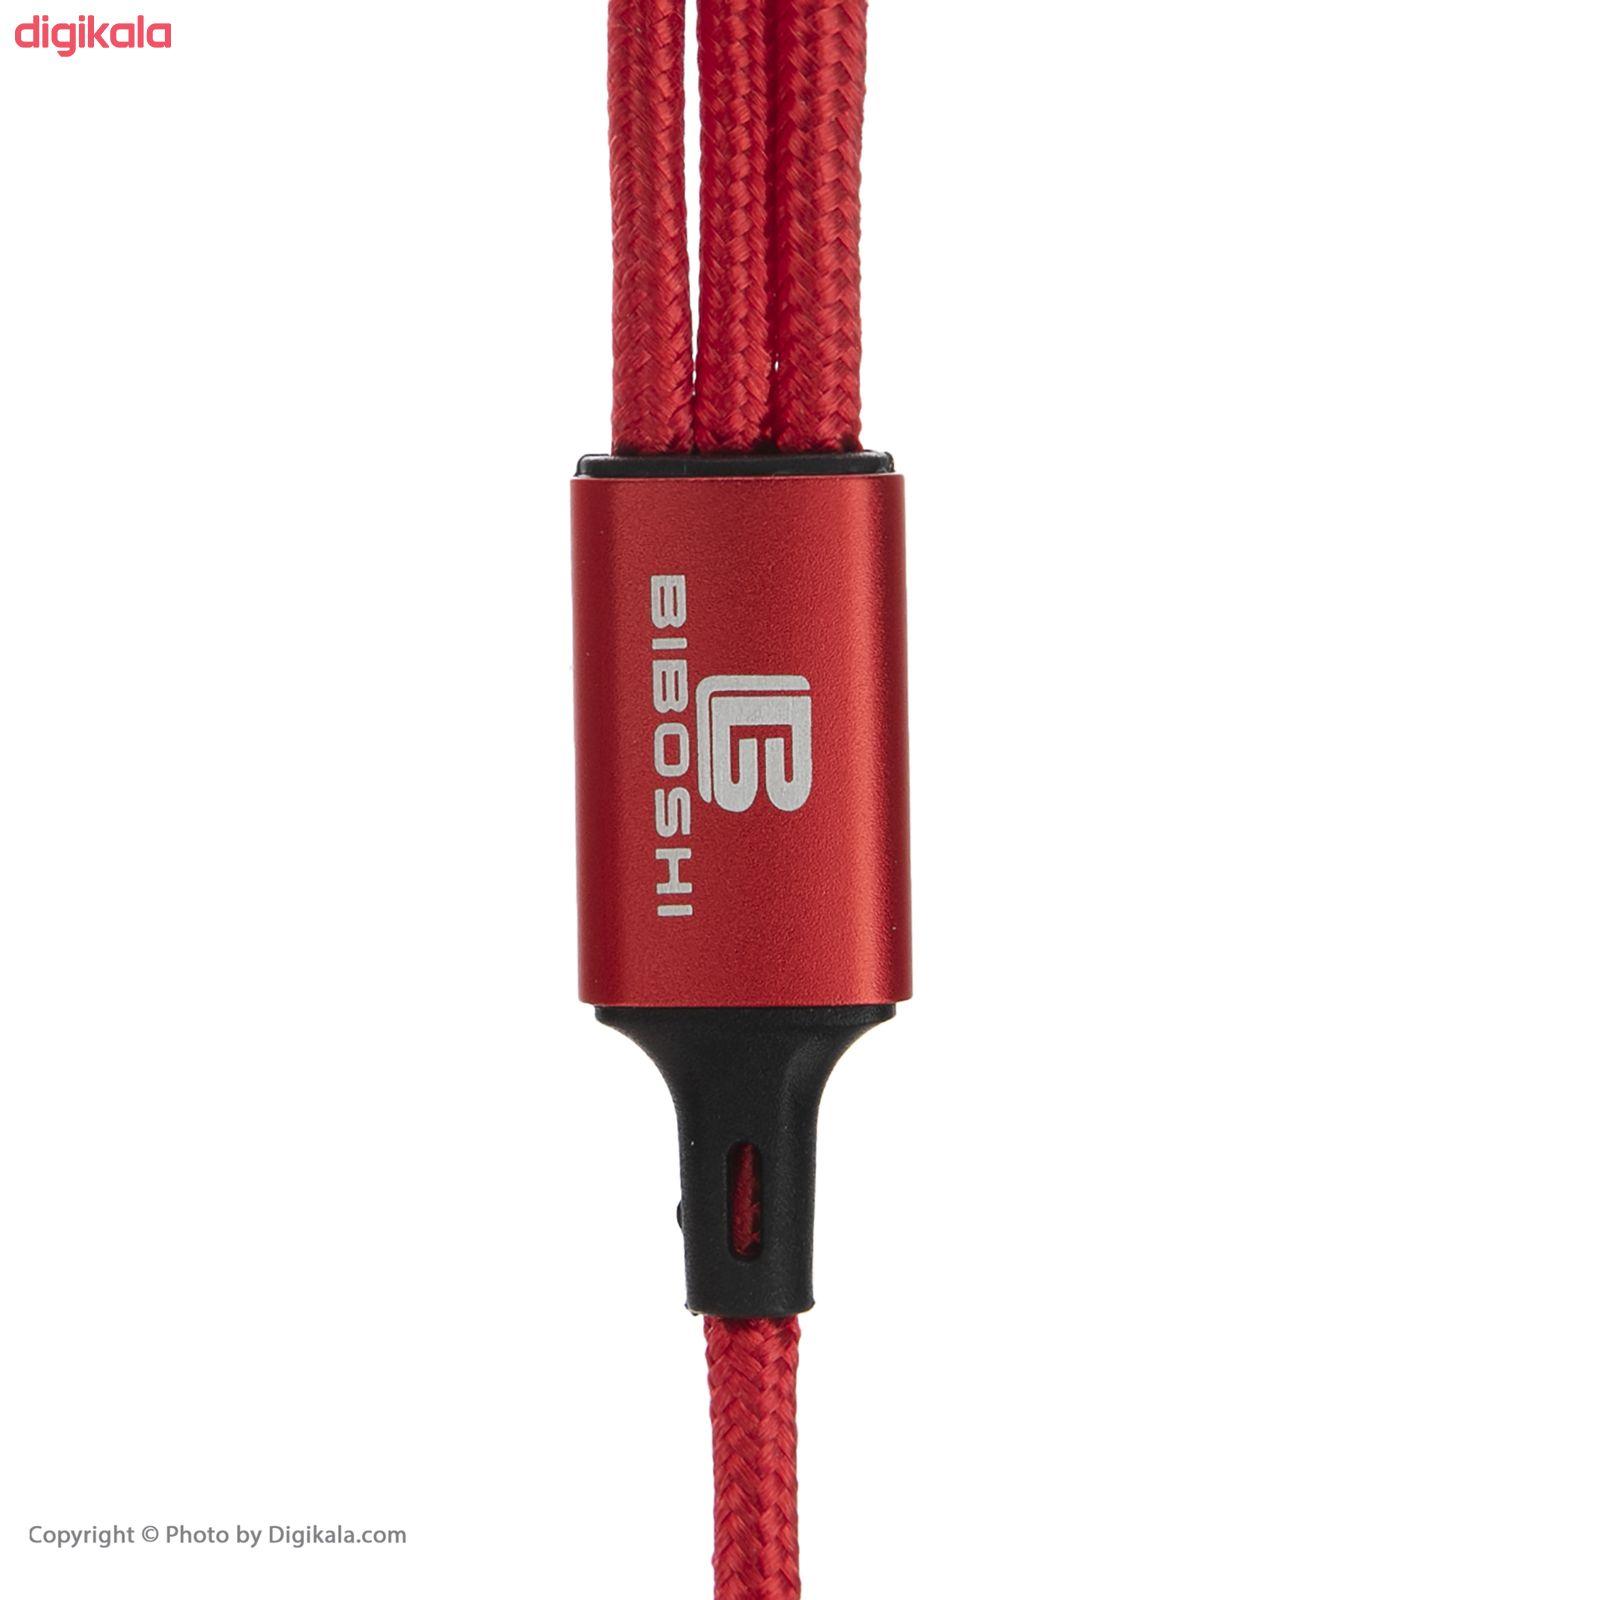 کابل تبدیل USB به لایتنینگ/USB-C/microUSB بیبوشی مدل CA009A طول 1 متر main 1 2